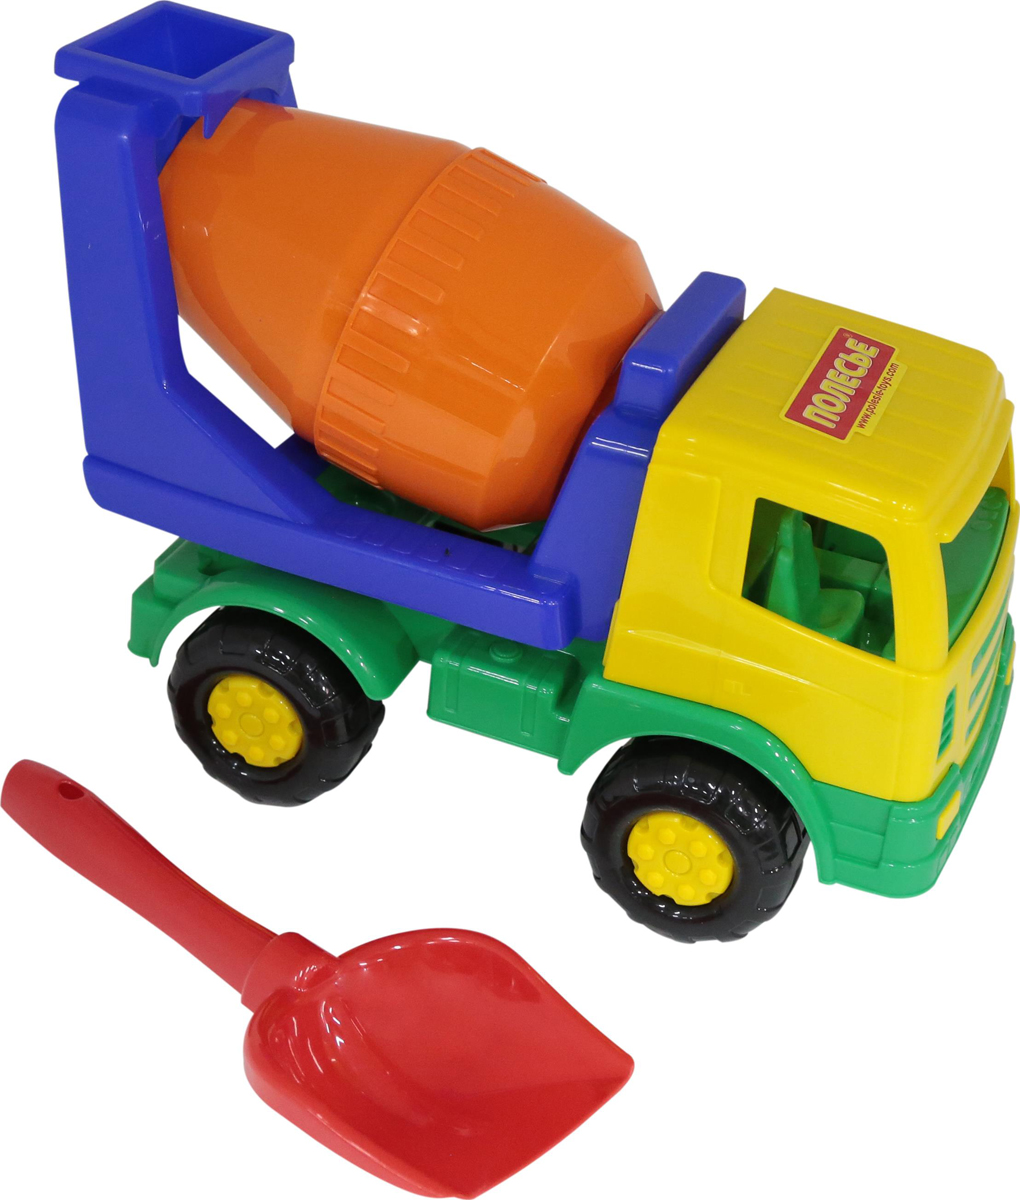 Полесье Набор игрушек для песочницы №187 Мираж полесье набор для песочницы 460